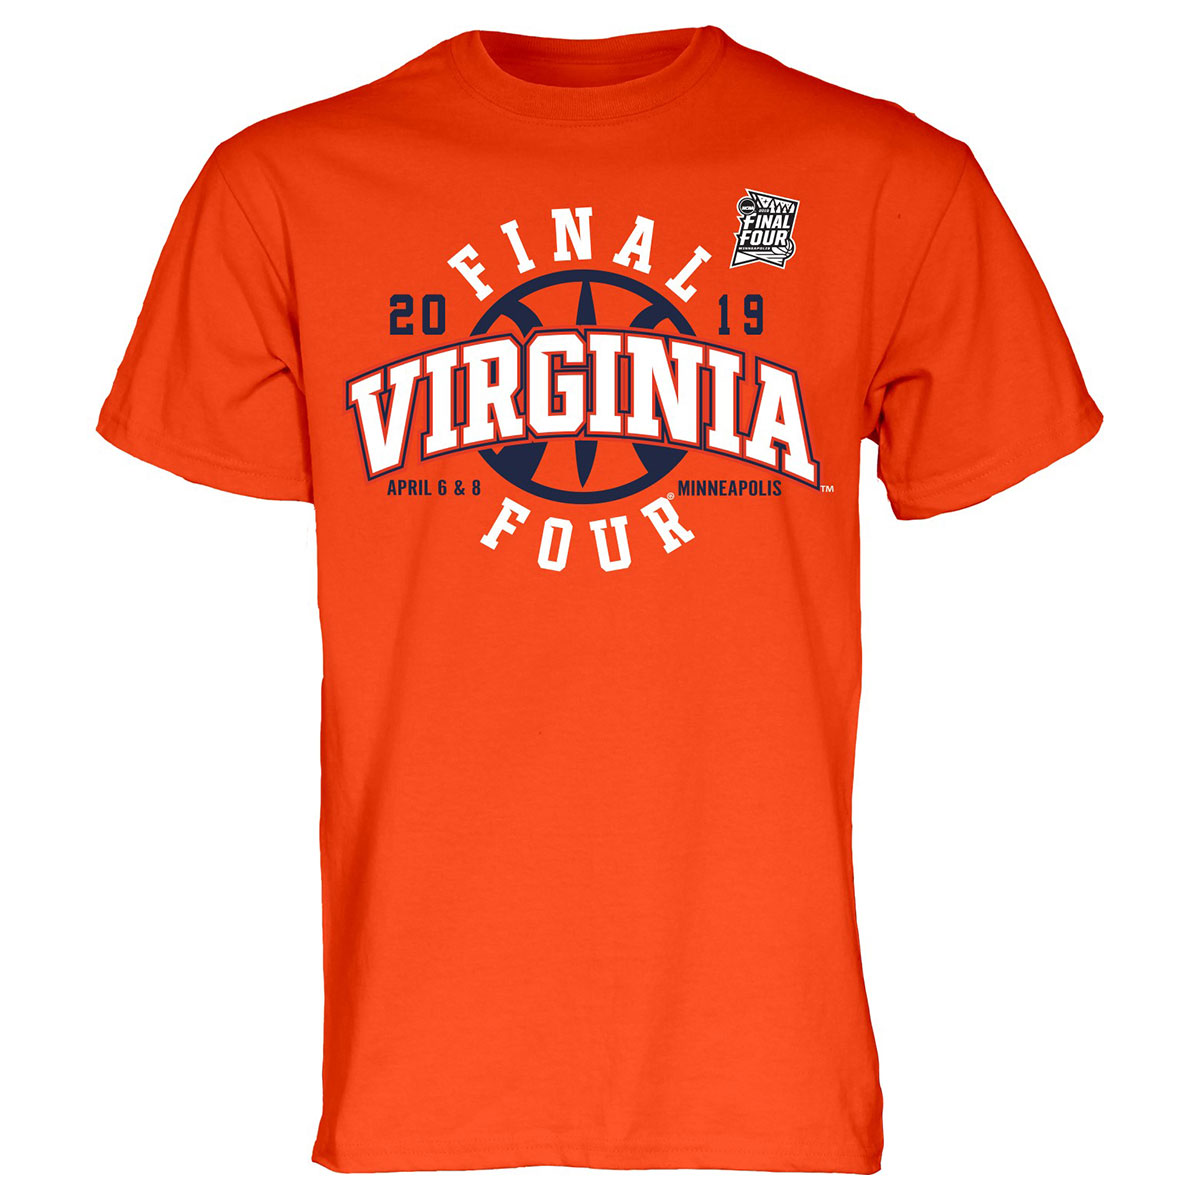 Virginia Basketball 2019 Final Four T-shirt